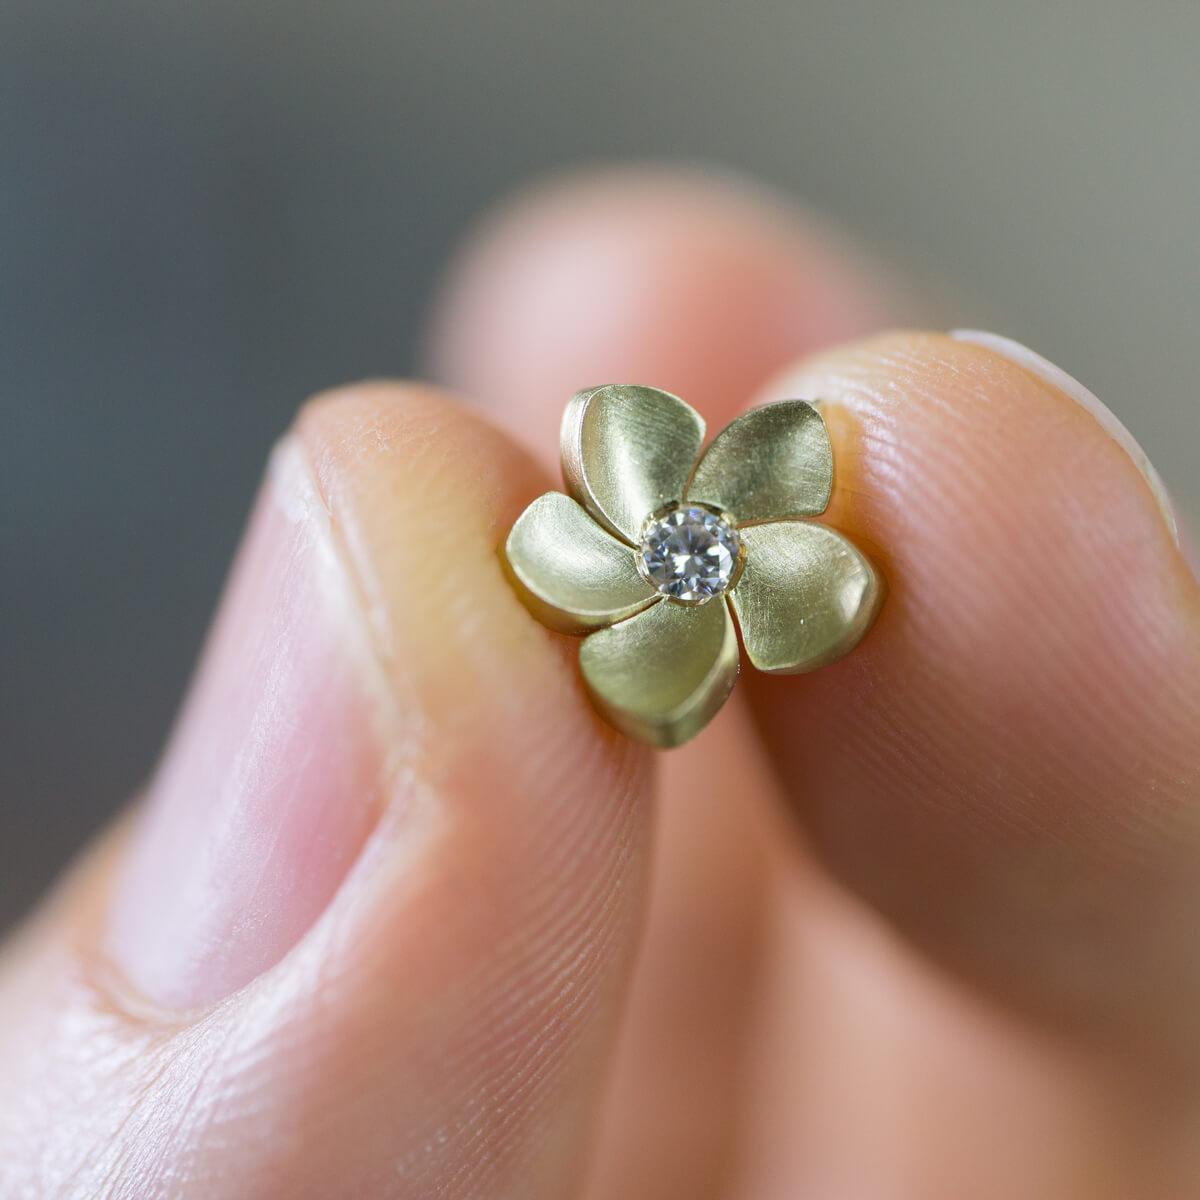 花のペンダントトップ 屋久島のプルメリアモチーフ 手にとって ゴールド、ダイヤモンド 屋久島でハンドメイドジュエリー